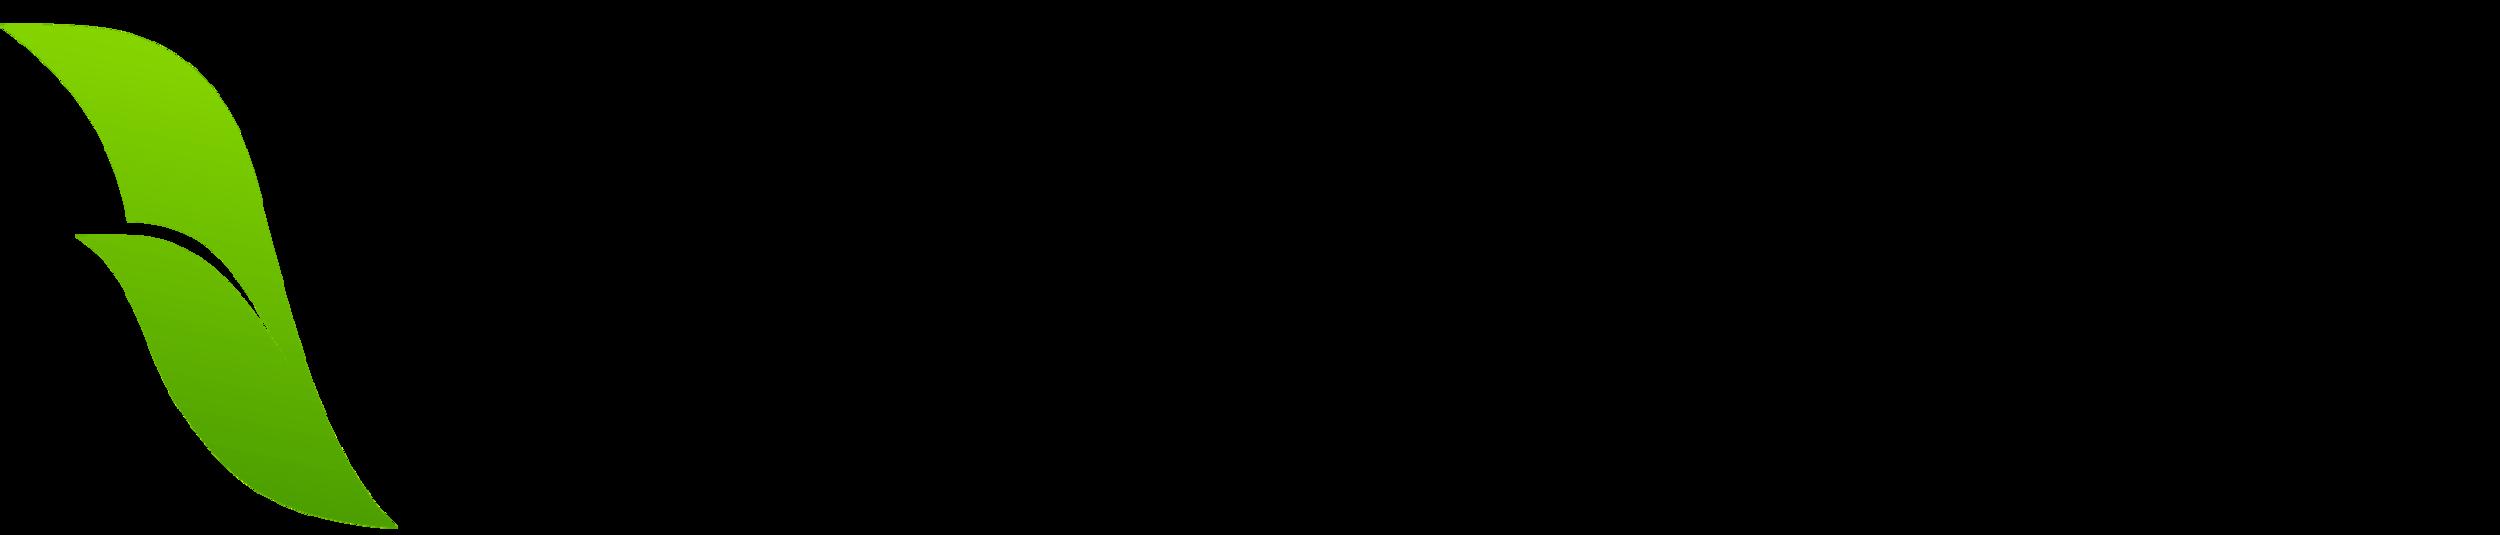 nutrien-logo-min.png